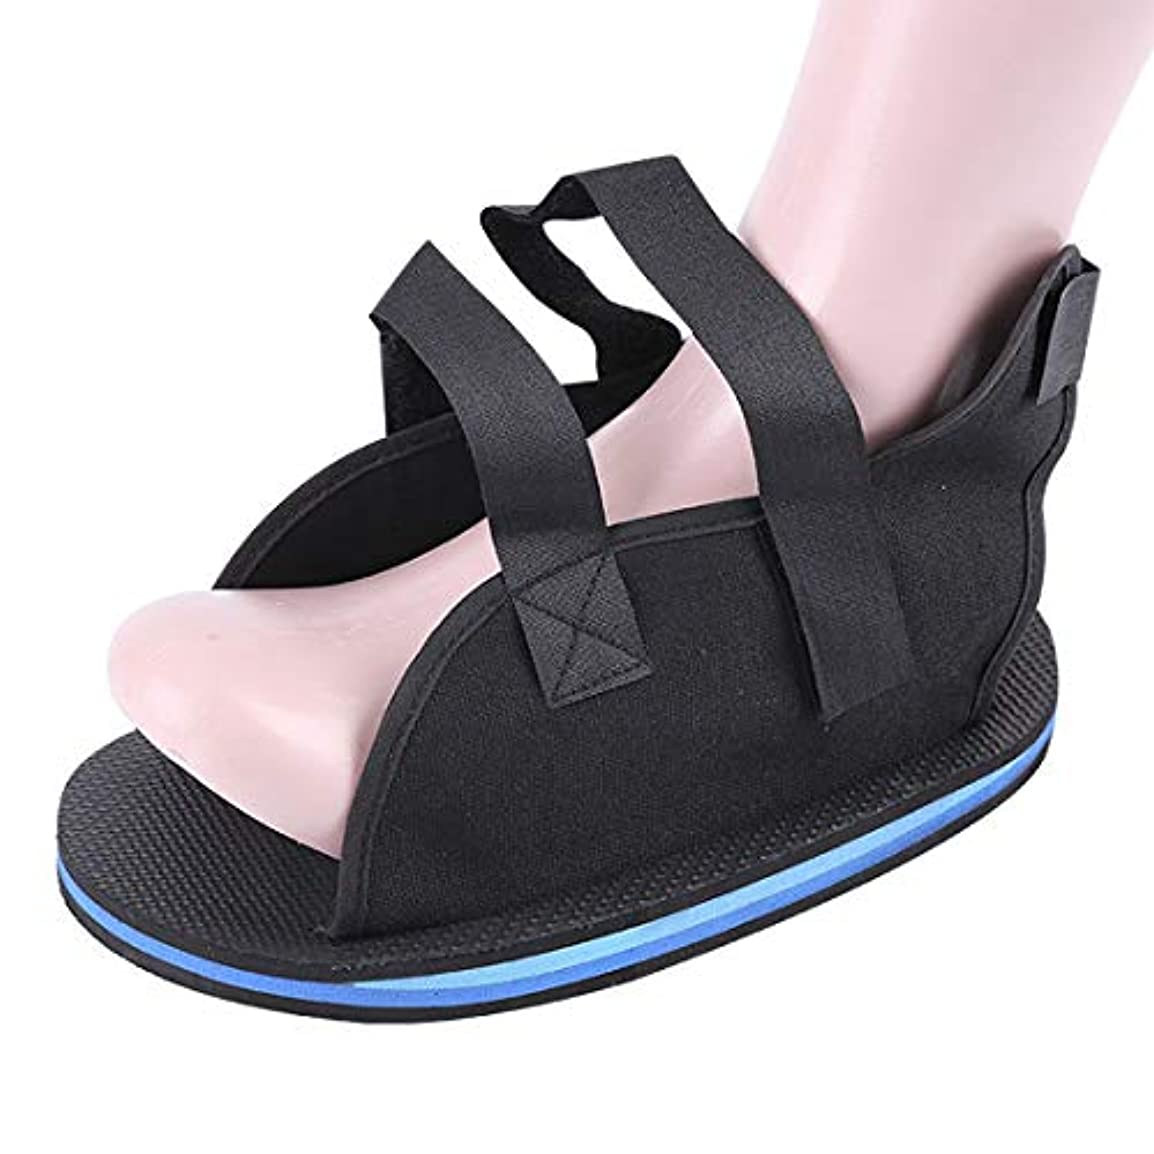 帝国主義落胆する医療足骨折石膏の回復靴の手術後のつま先の靴を安定化骨折の靴を調整可能なファスナーで完全なカバー,XS20cm